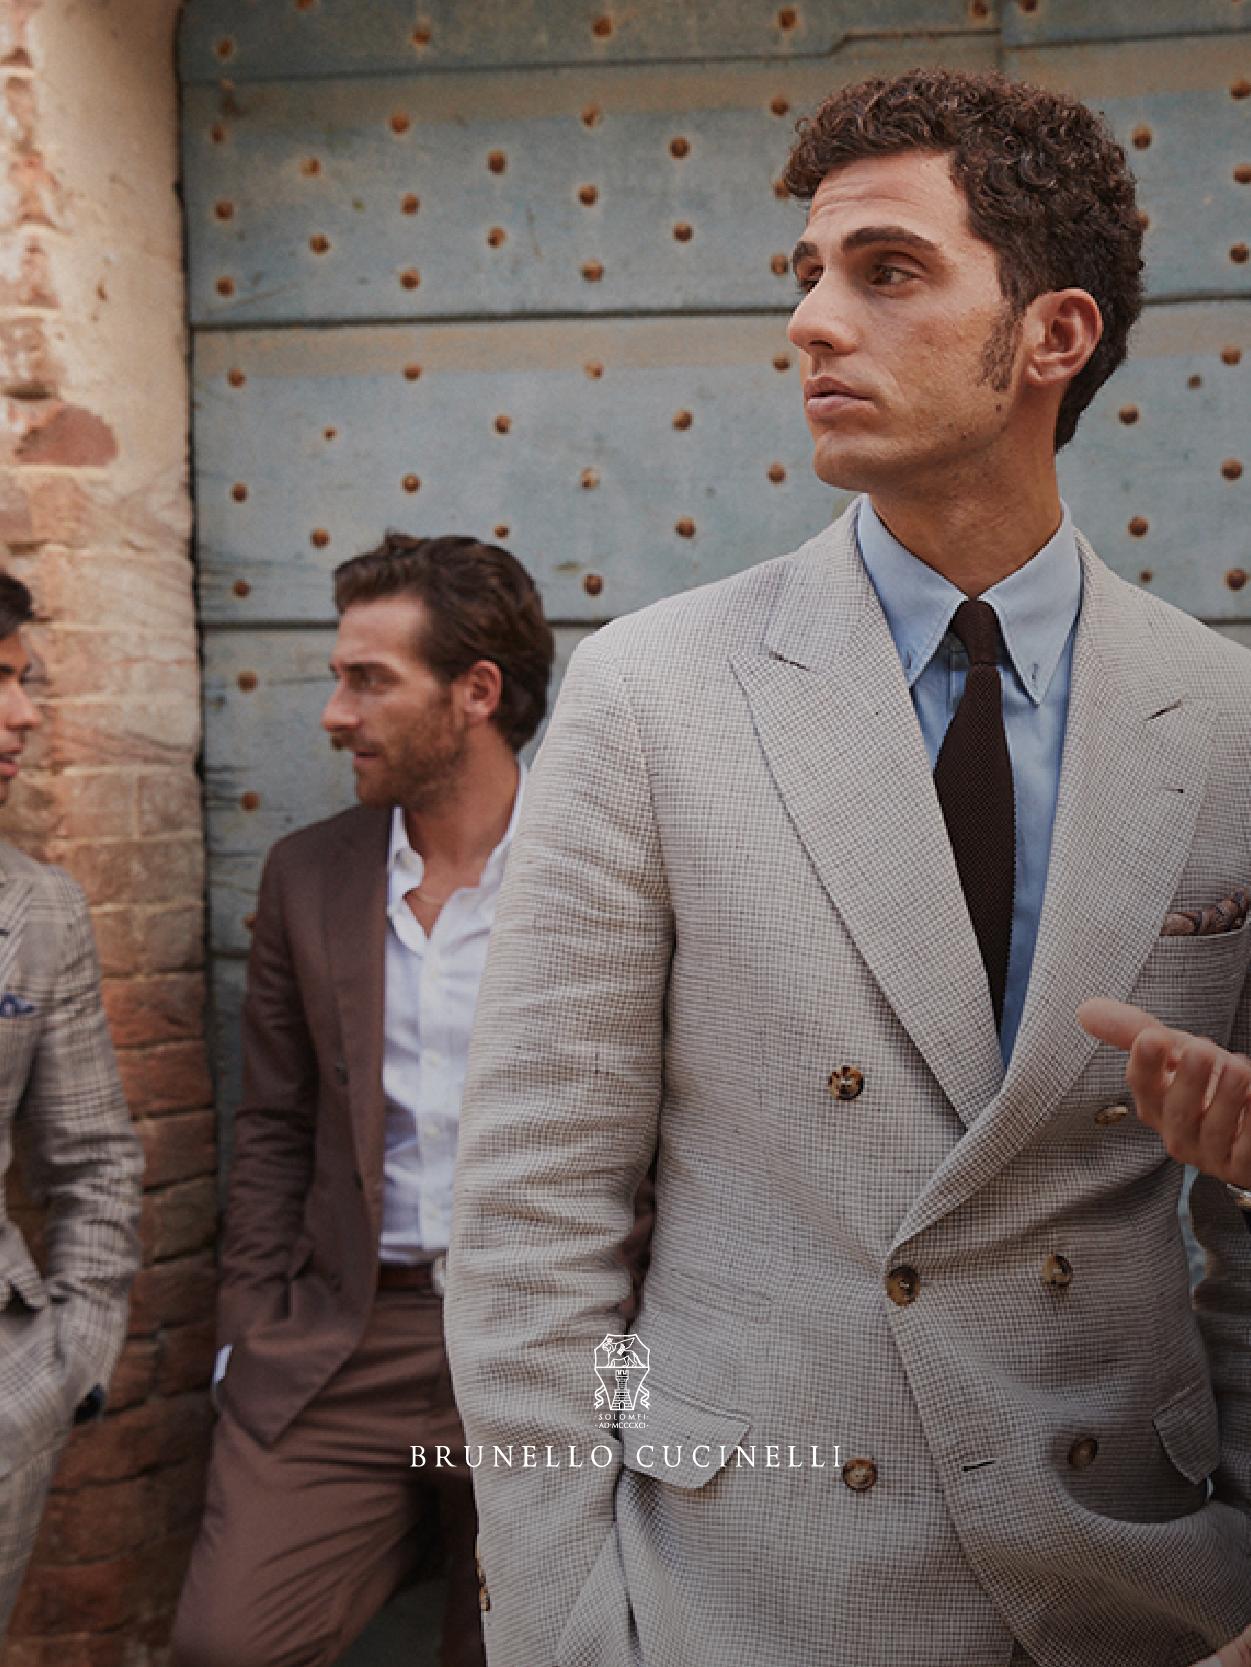 RitaVõ Fashion - Trung tâm thời trang cao cấp thương hiệu Ý & châu Âu